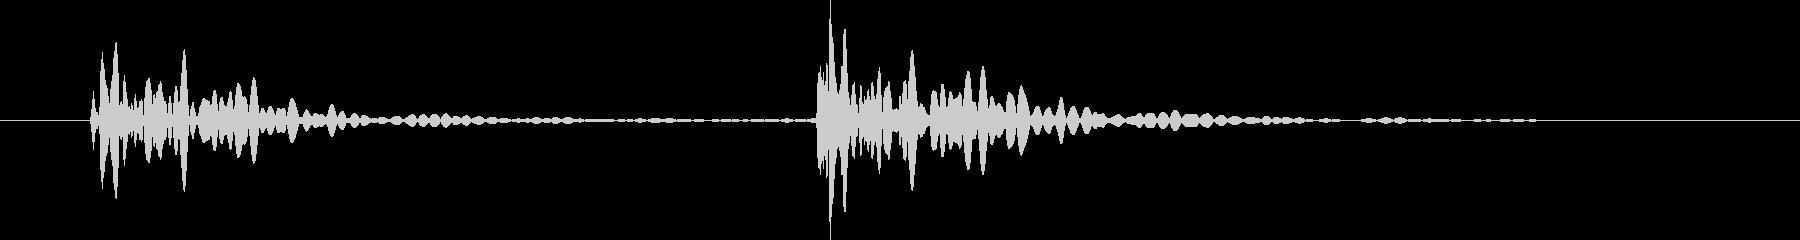 自動車またはトラックウィンドウ:I...の未再生の波形